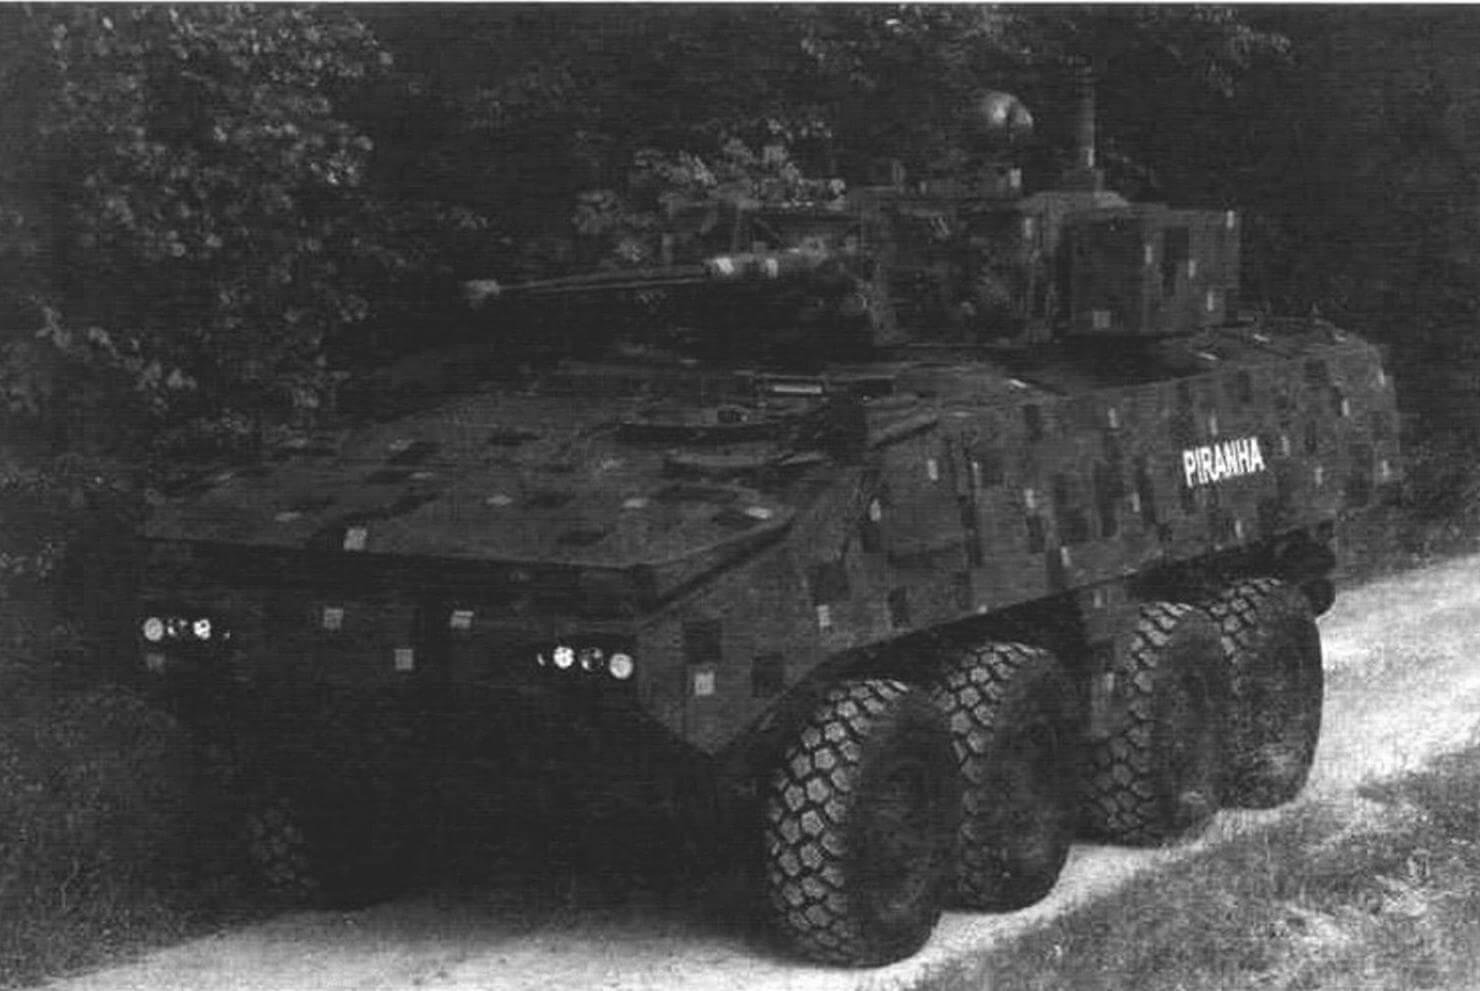 «Пиранья» IIIC вооруженных сил Швейцарии